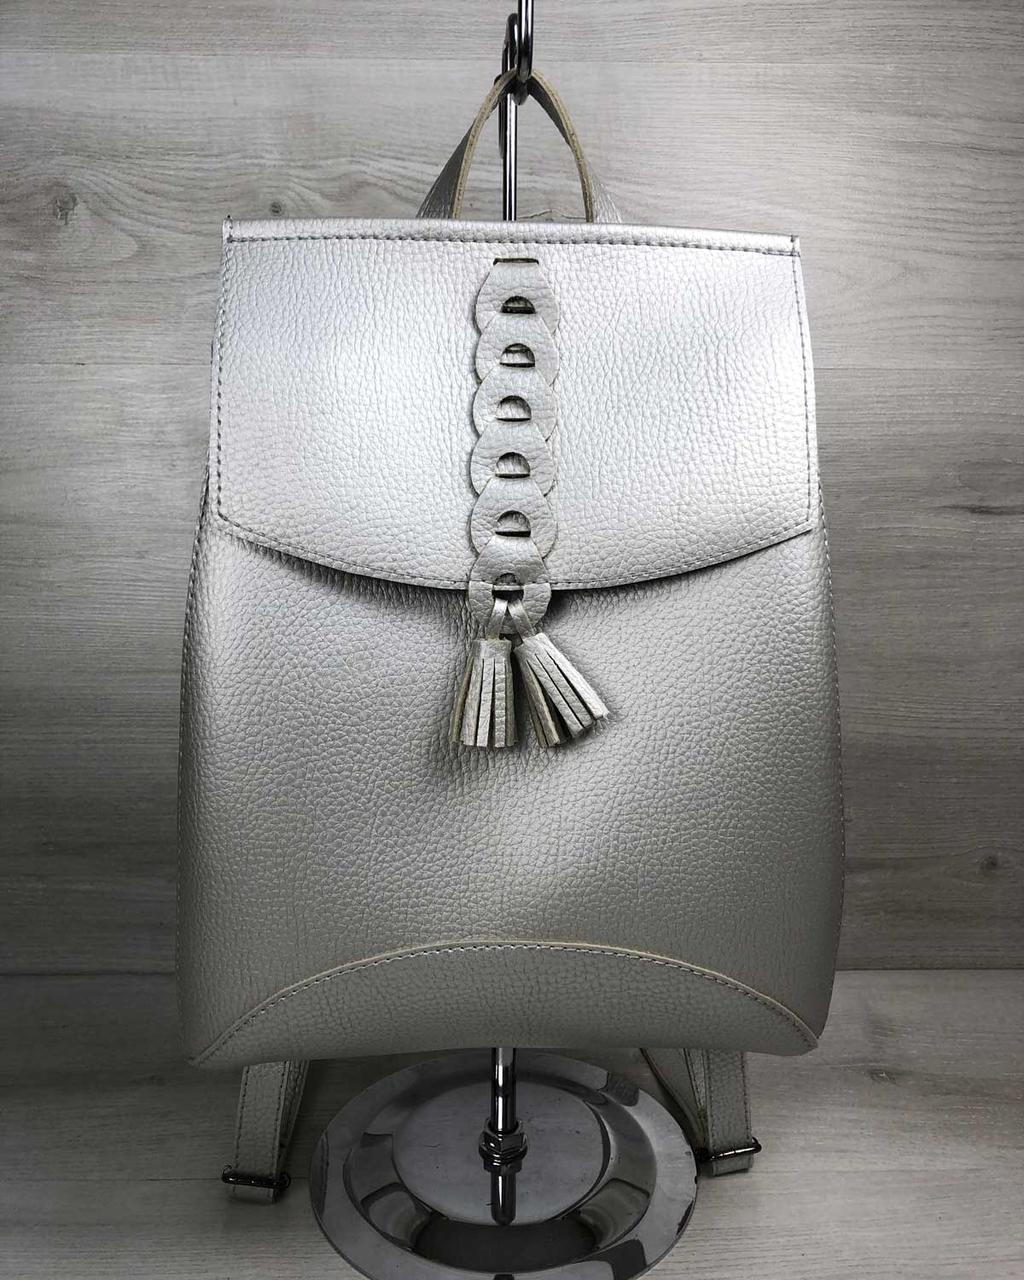 Стильный молодежный сумка-рюкзак женский городской повседневный с косичкой серебряного цвета